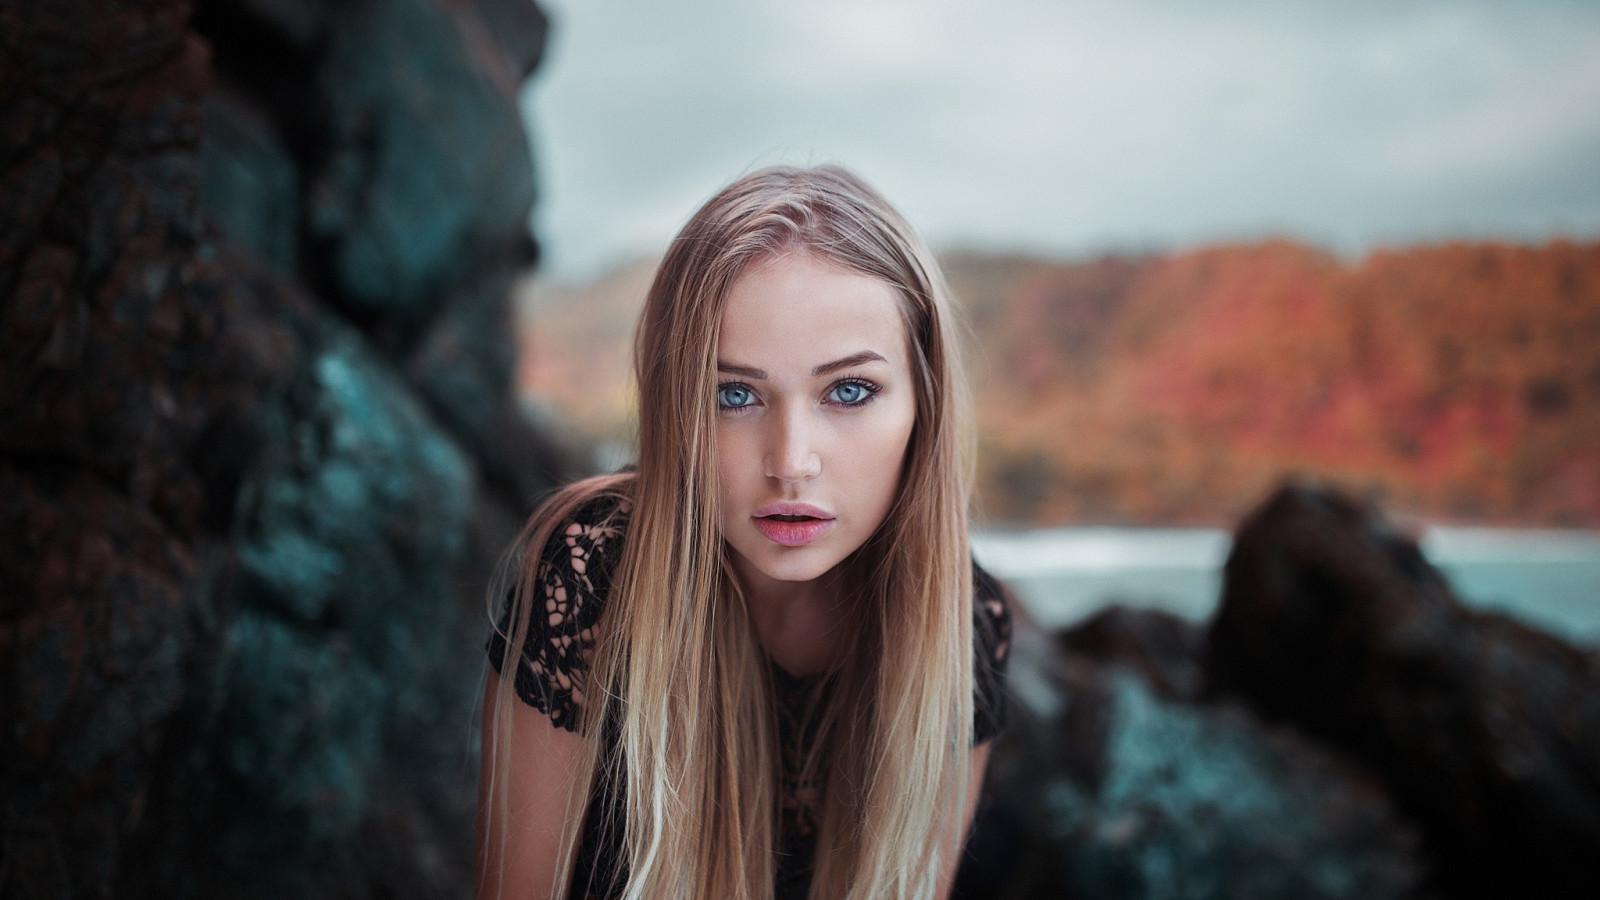 Wallpaper : women, model, portrait, blonde, depth of field